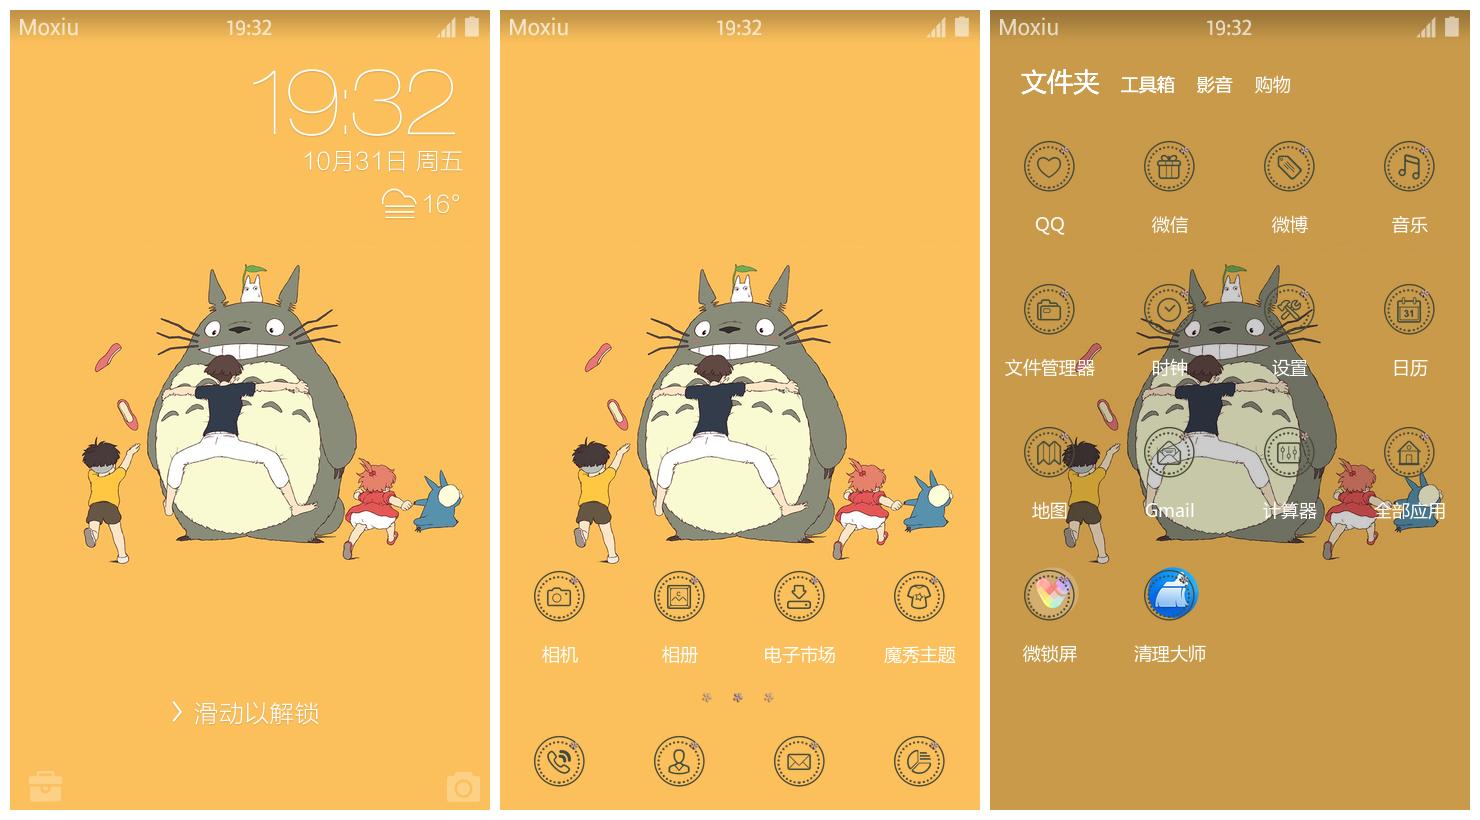 龙猫手机主题,动漫手机主题,二次元手机主题